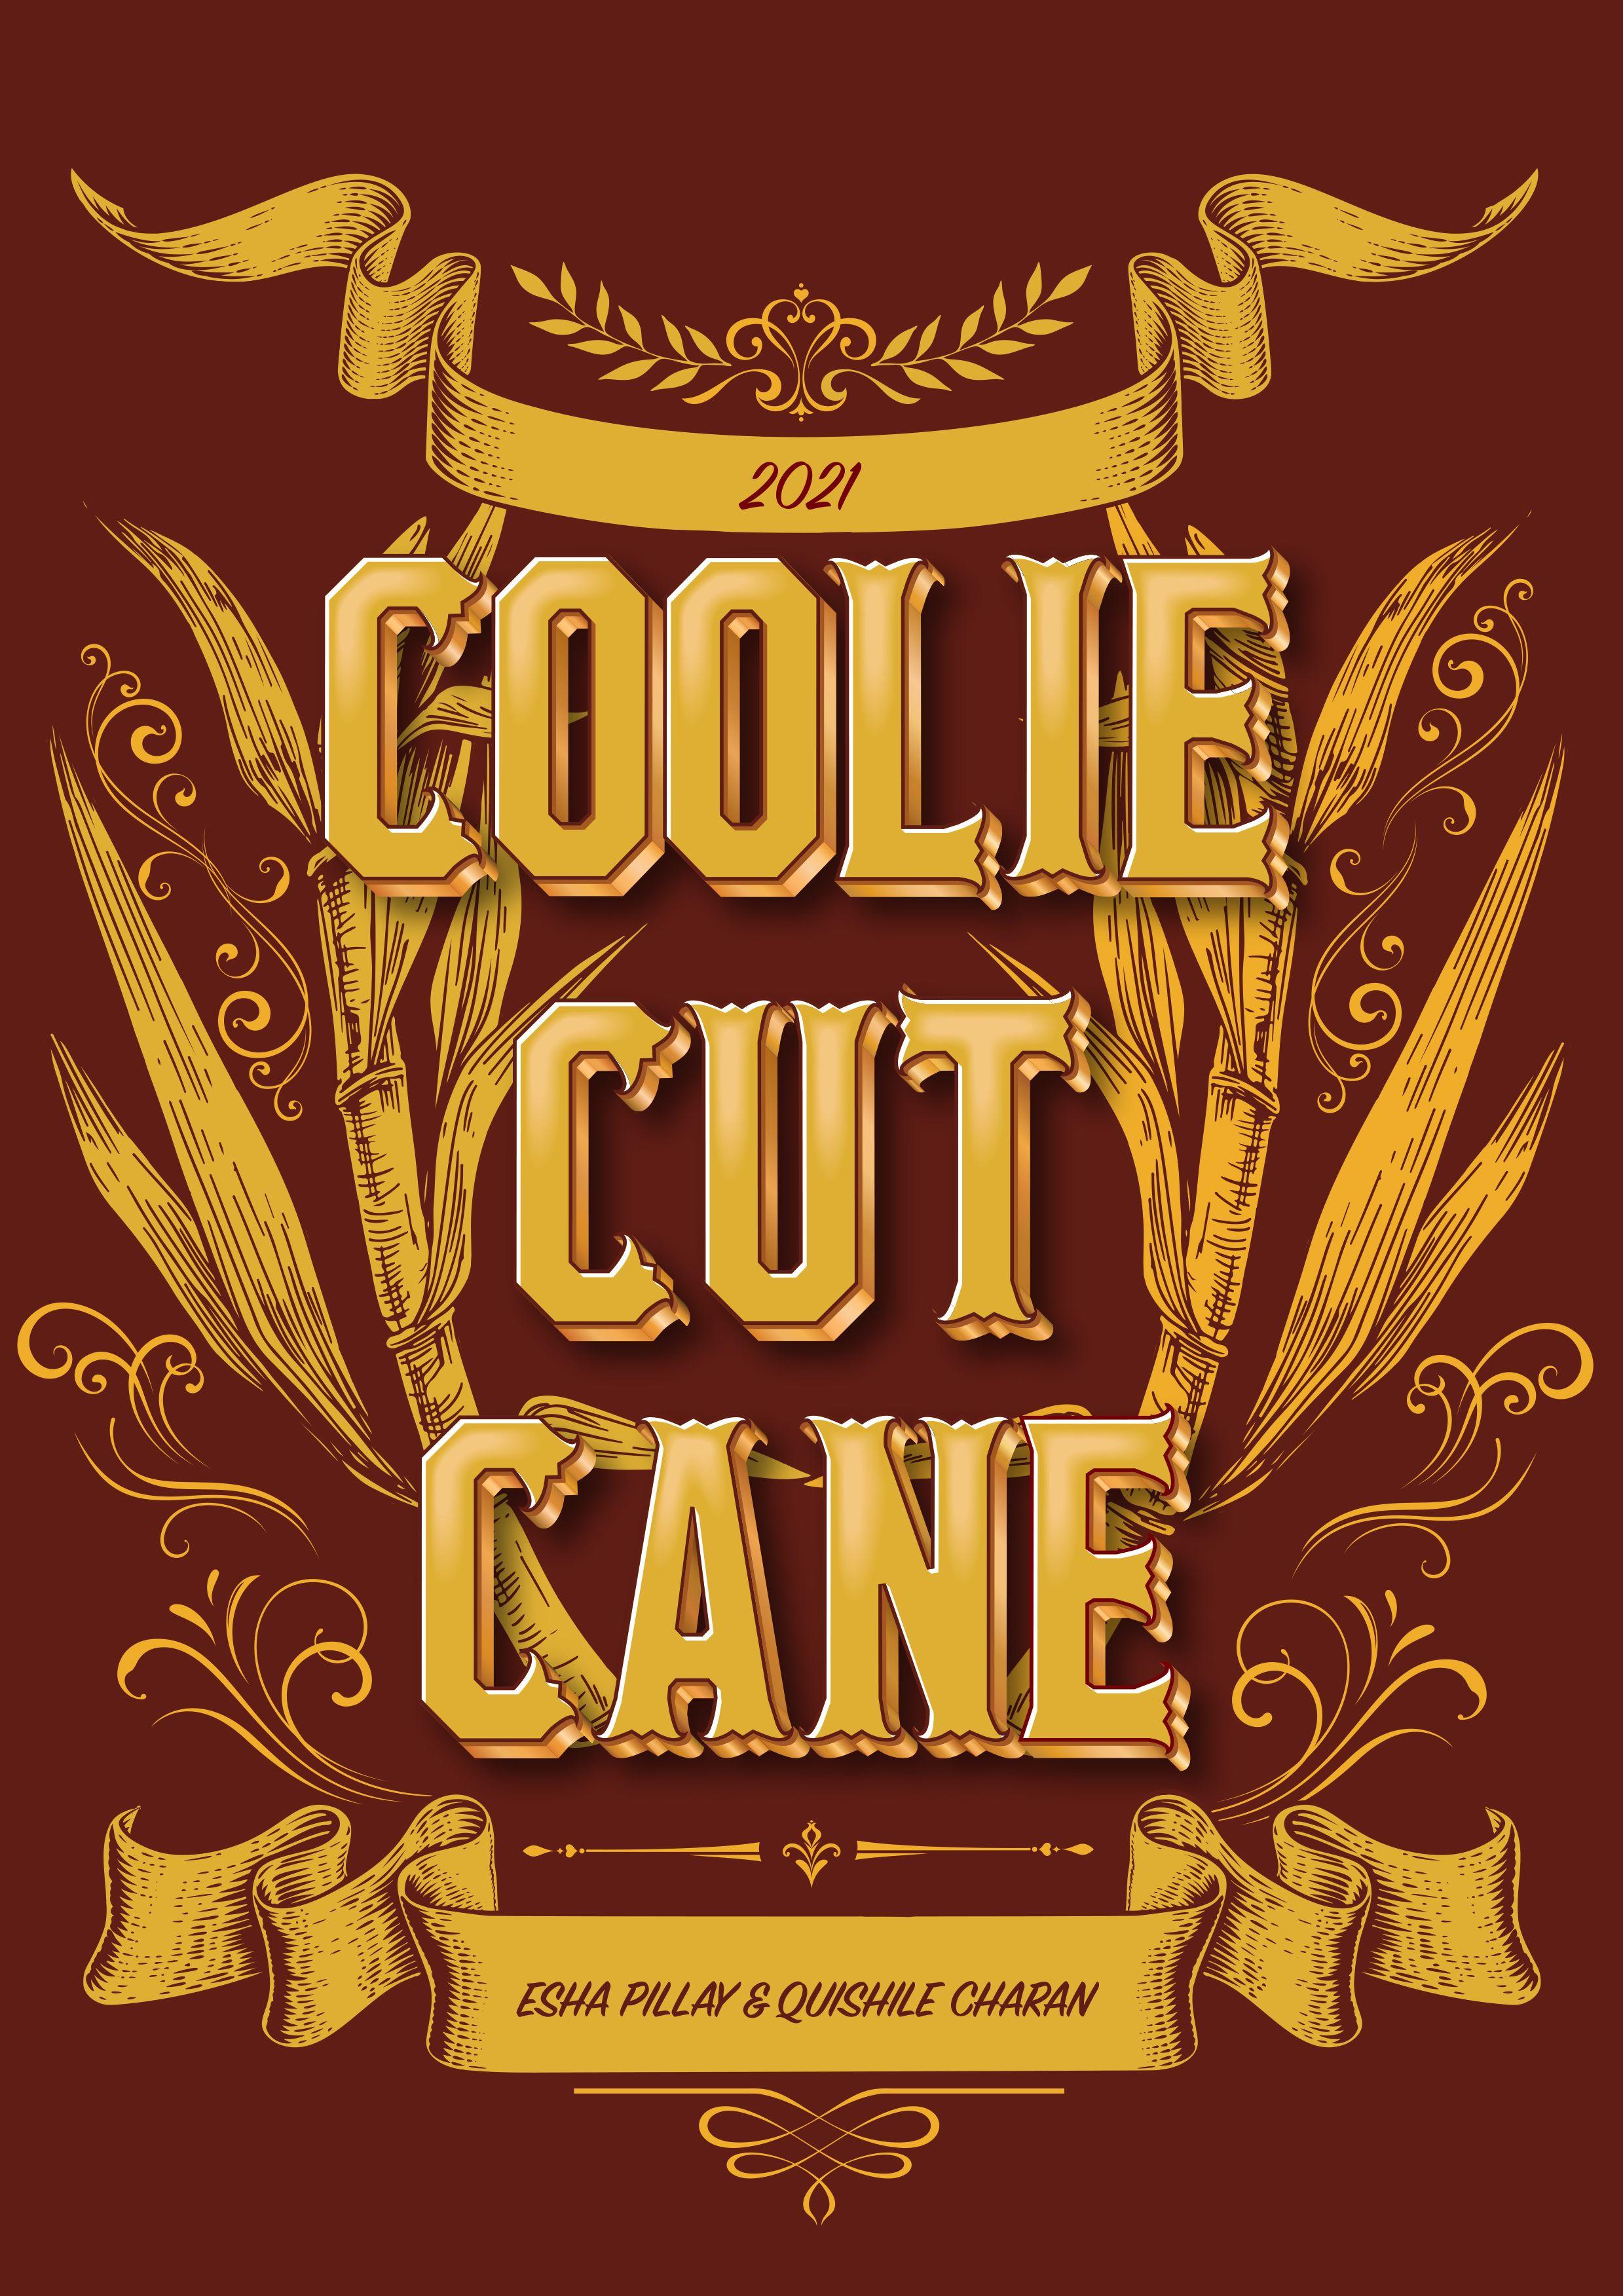 Coolie Cut Cane